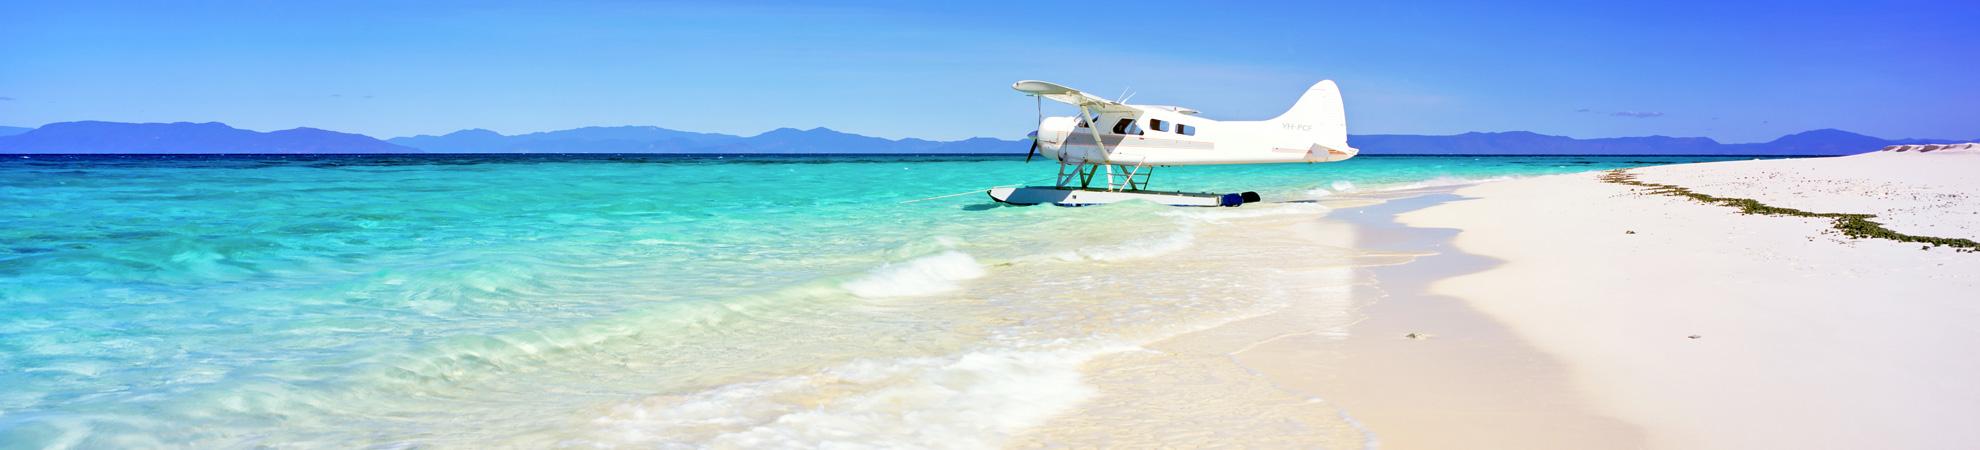 Conseils pratiques pour améliorer son expérience à l'aéroport en Australie